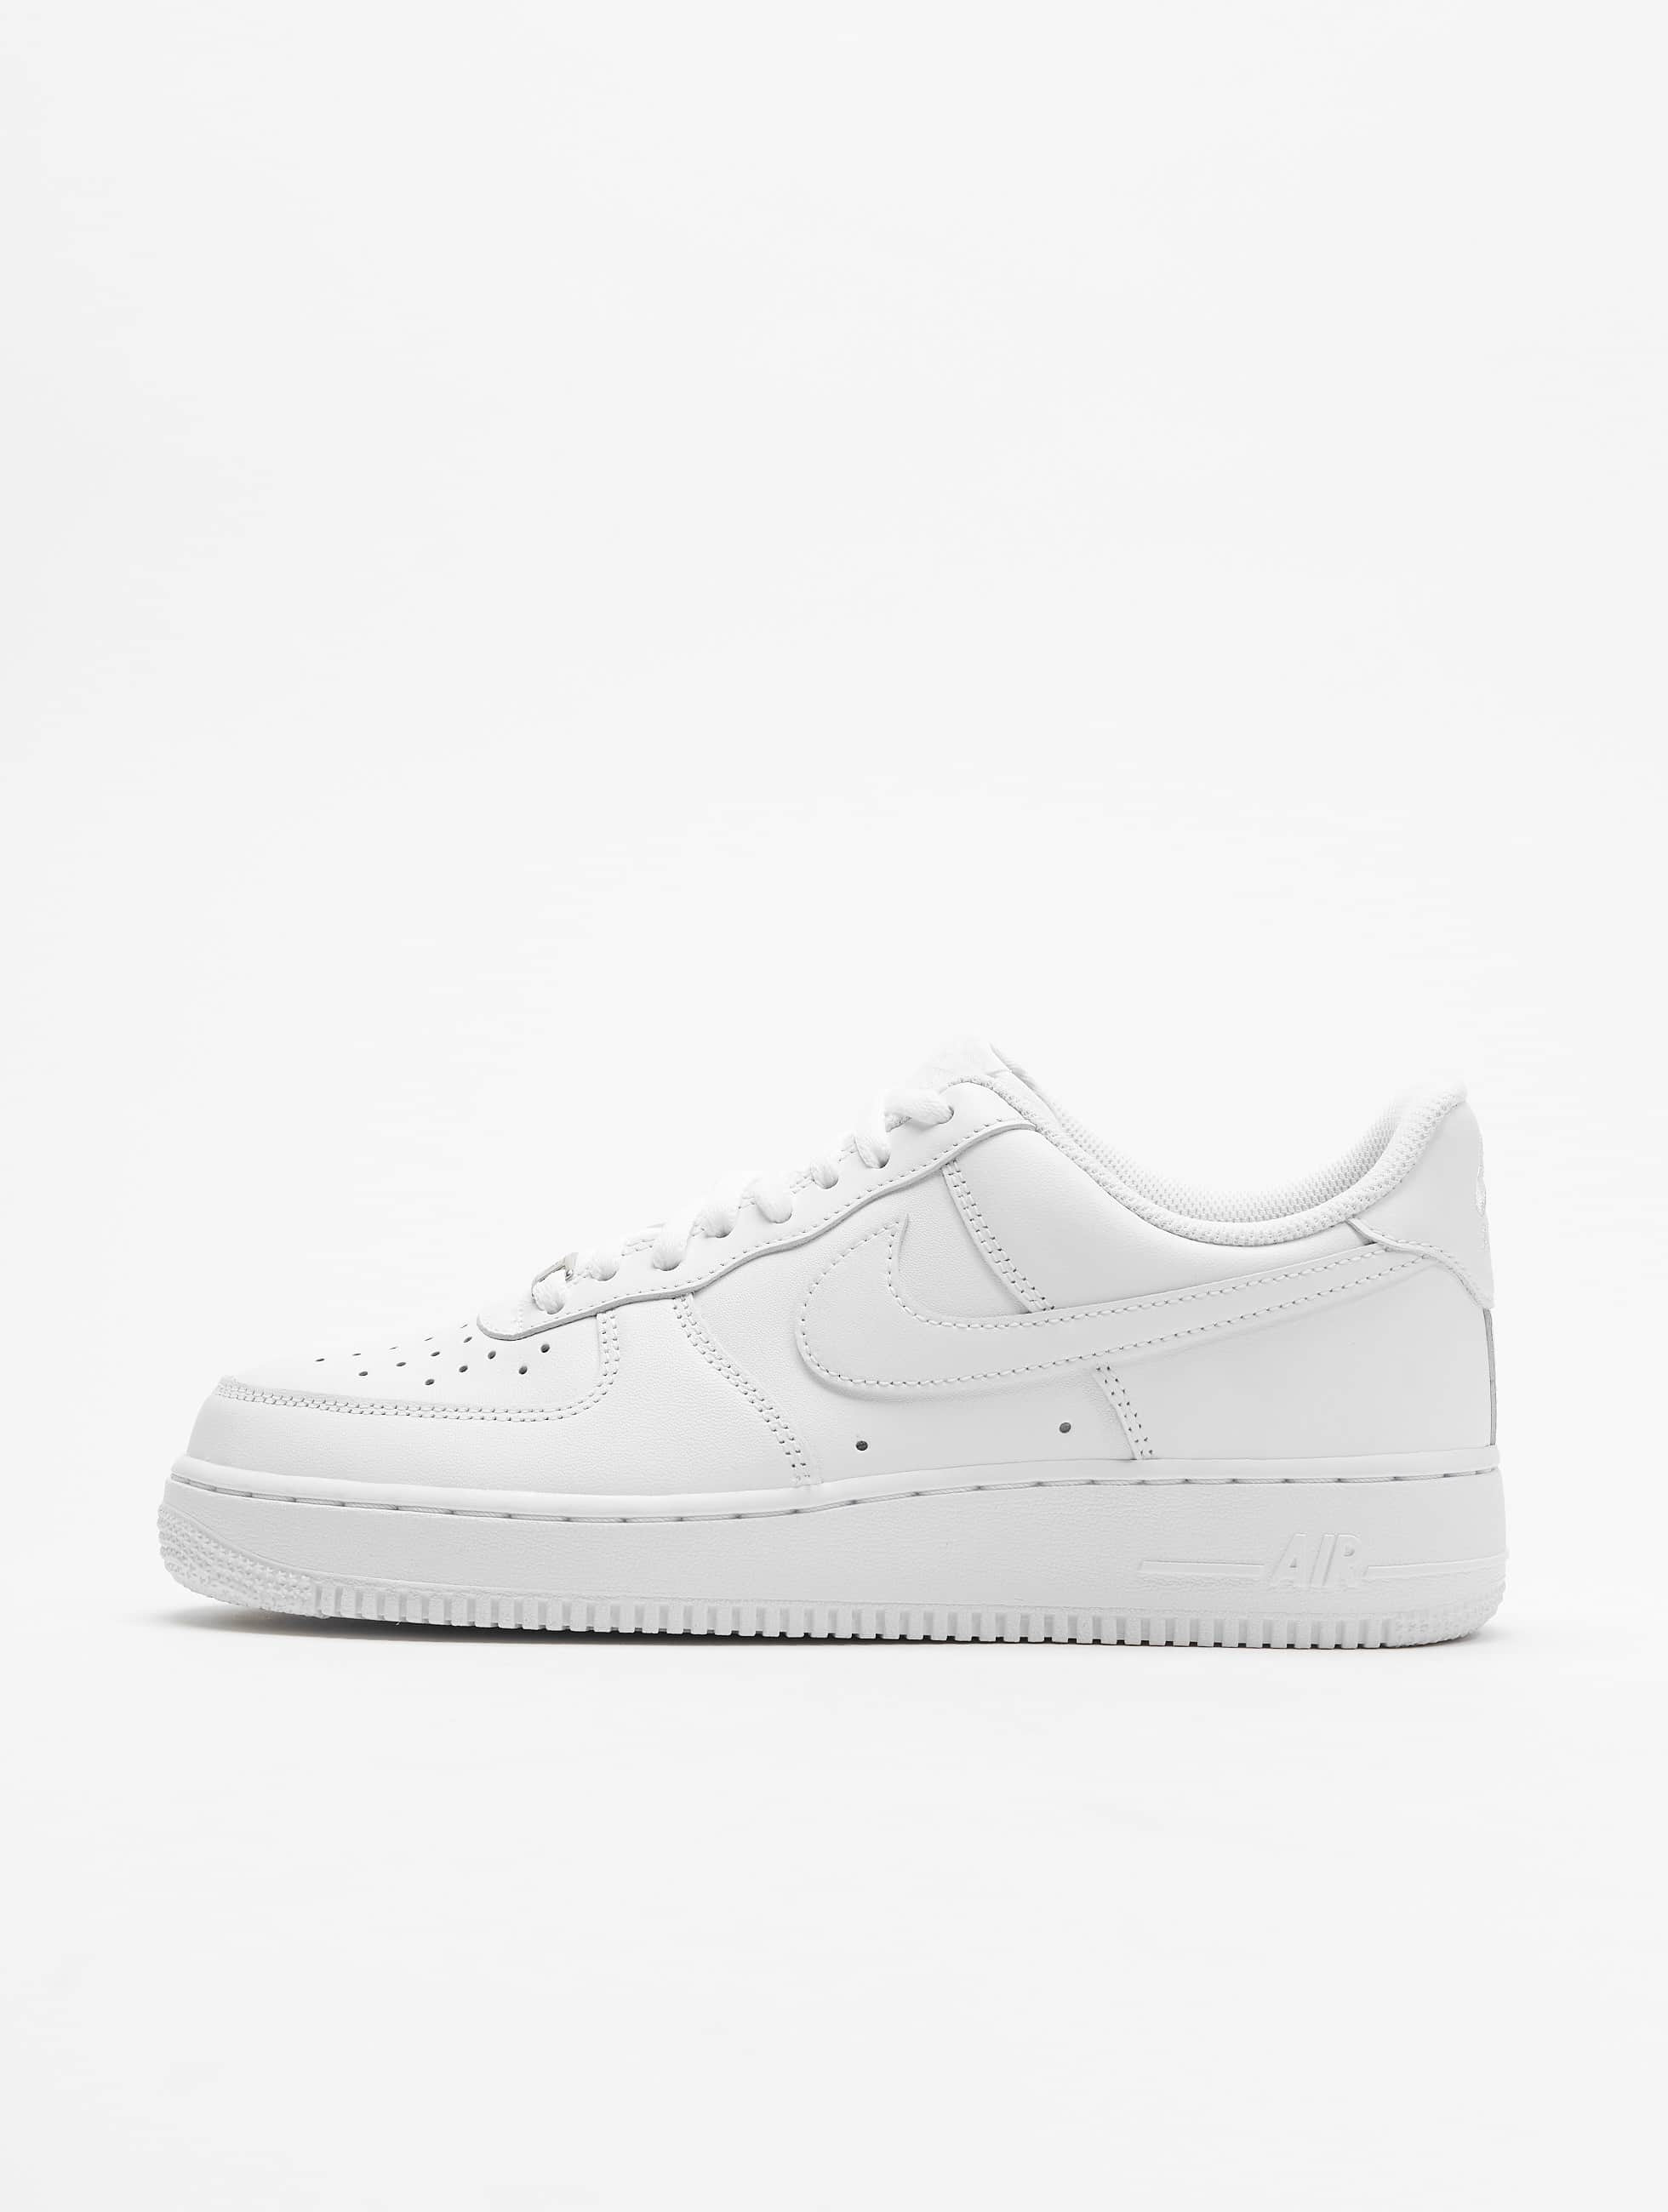 51640c8143cc ... nike zapato zapatillas de deporte air force 1 07 basketball shoes en  blanco 28013 ...